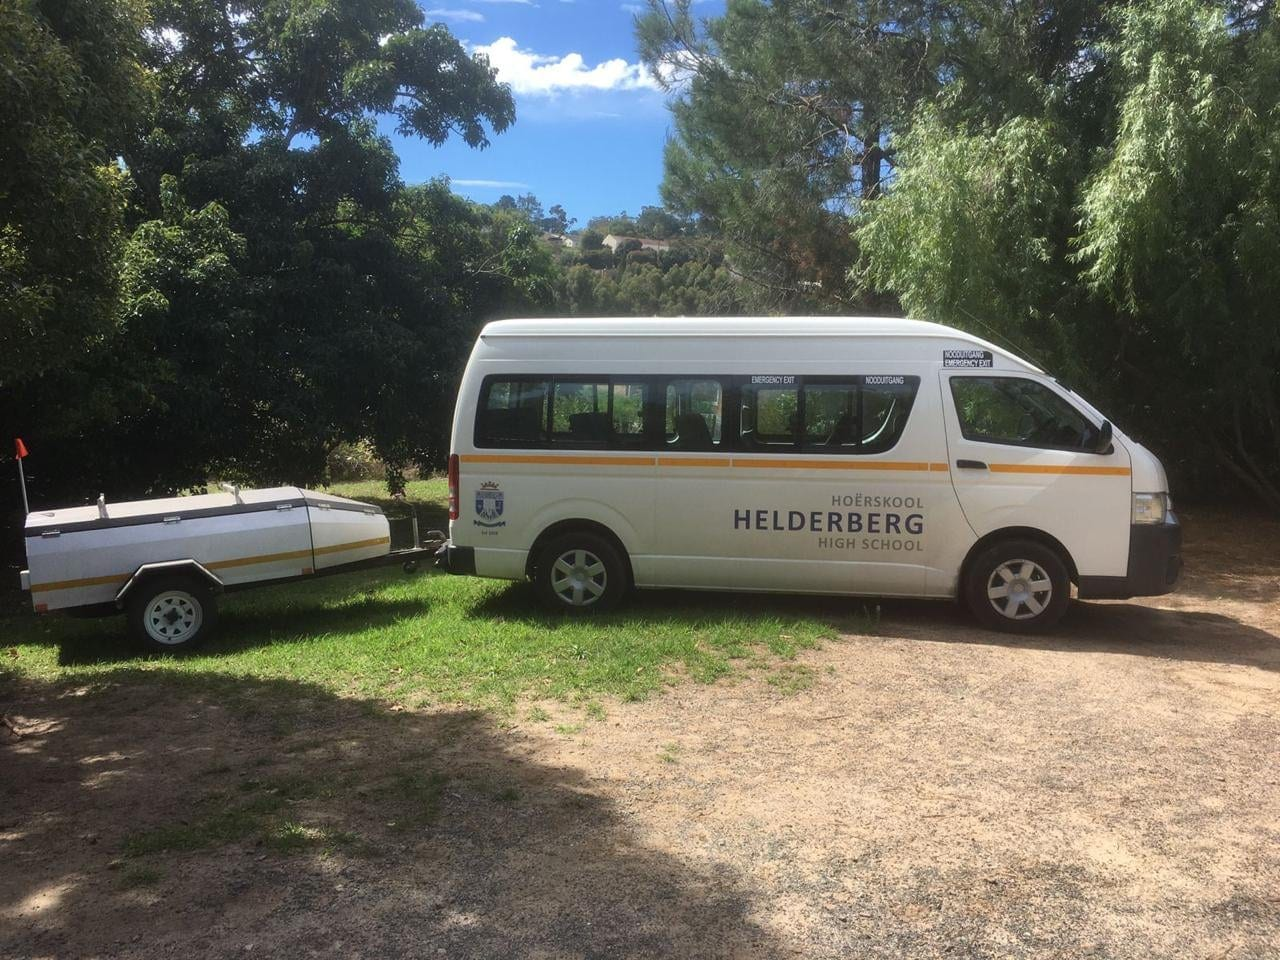 Helderberg High School minibus with trailer outdoors